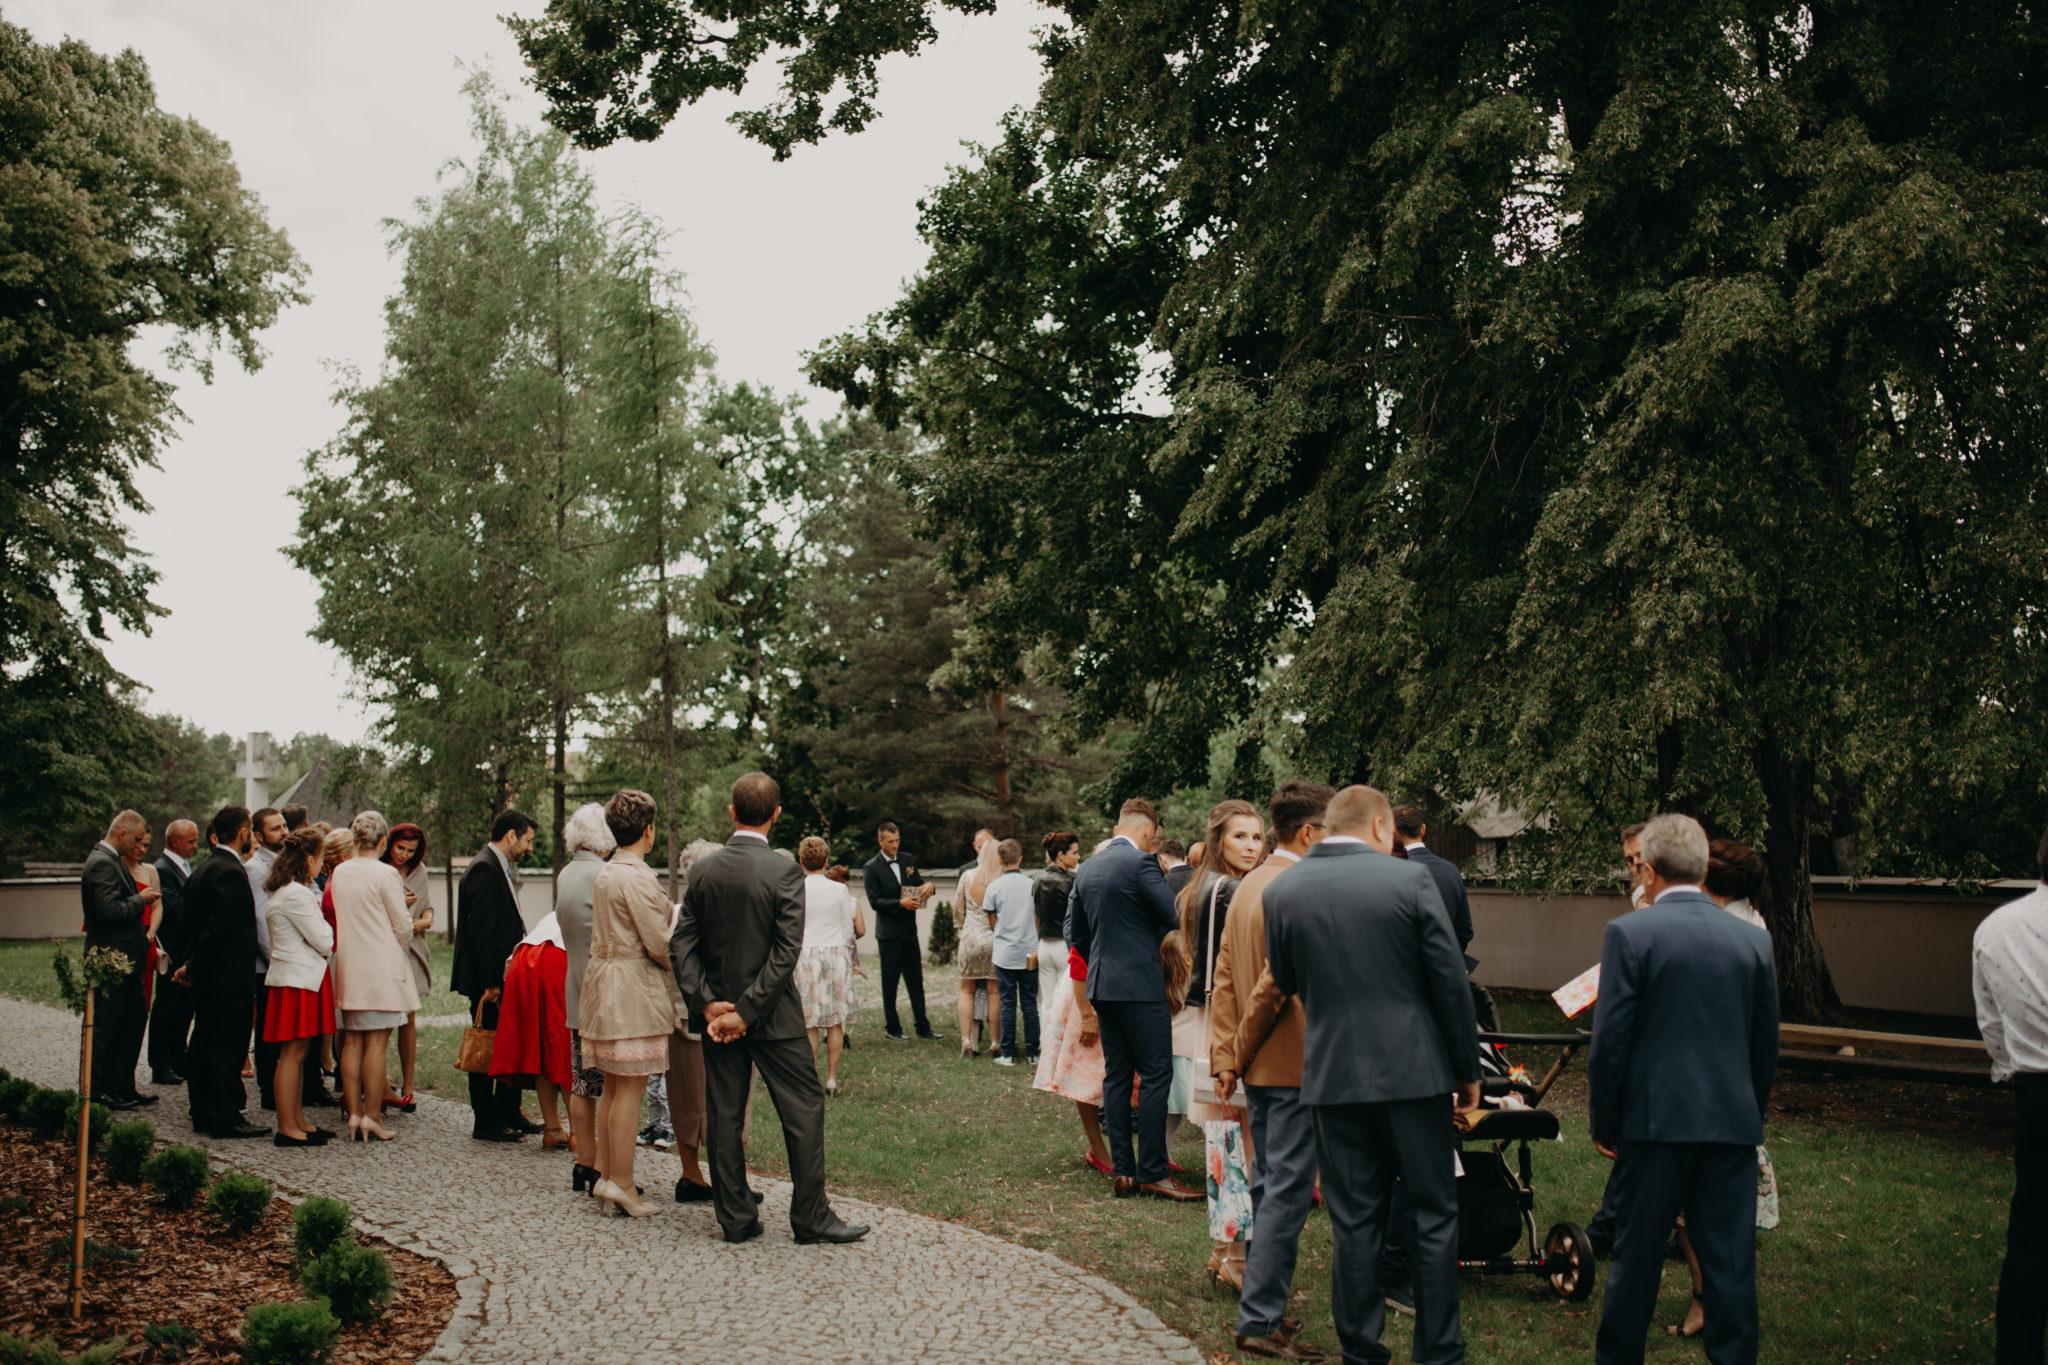 gosia i kuba73 - fotografiagk Fotografia ślubna RK wedding